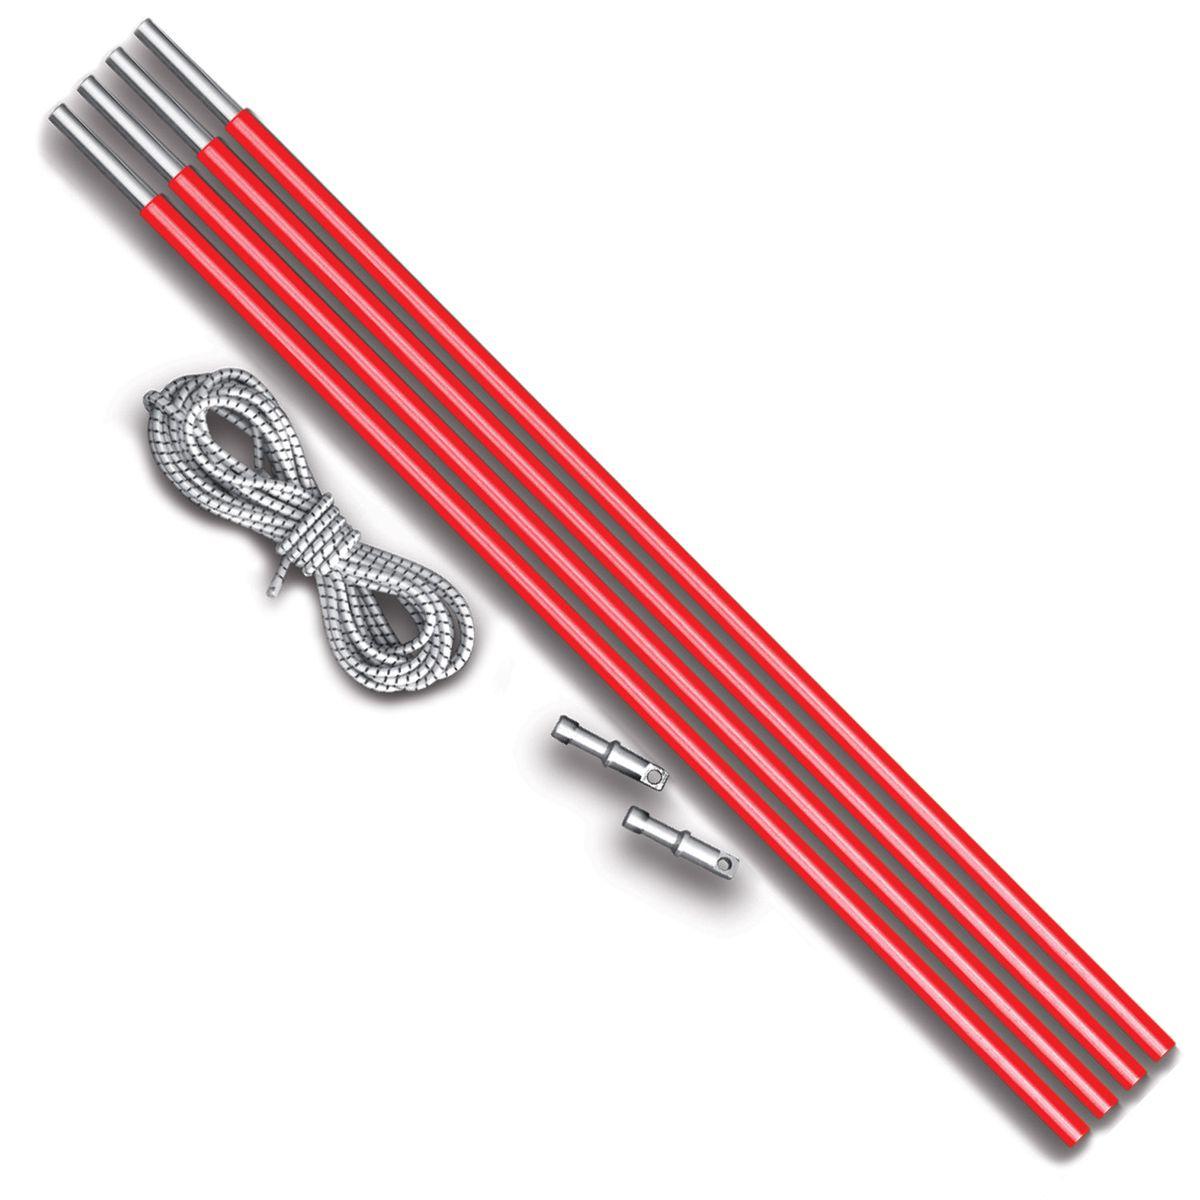 Комплект дуг алюминий Nova Tour v2, цвет: красный металлик, диаметр 8,5 ммKOCAc6009LEDРемонтный набор Nova Tour v2 предназначен для дуговых палаток. Подойдет для моделей: Эксплорер, Смарт, Терра и Спейс. В комплекте 4 секции по 50 см, 2 наконечника и 2 метра внутренней резинки. Яркие, не теряются в траве!